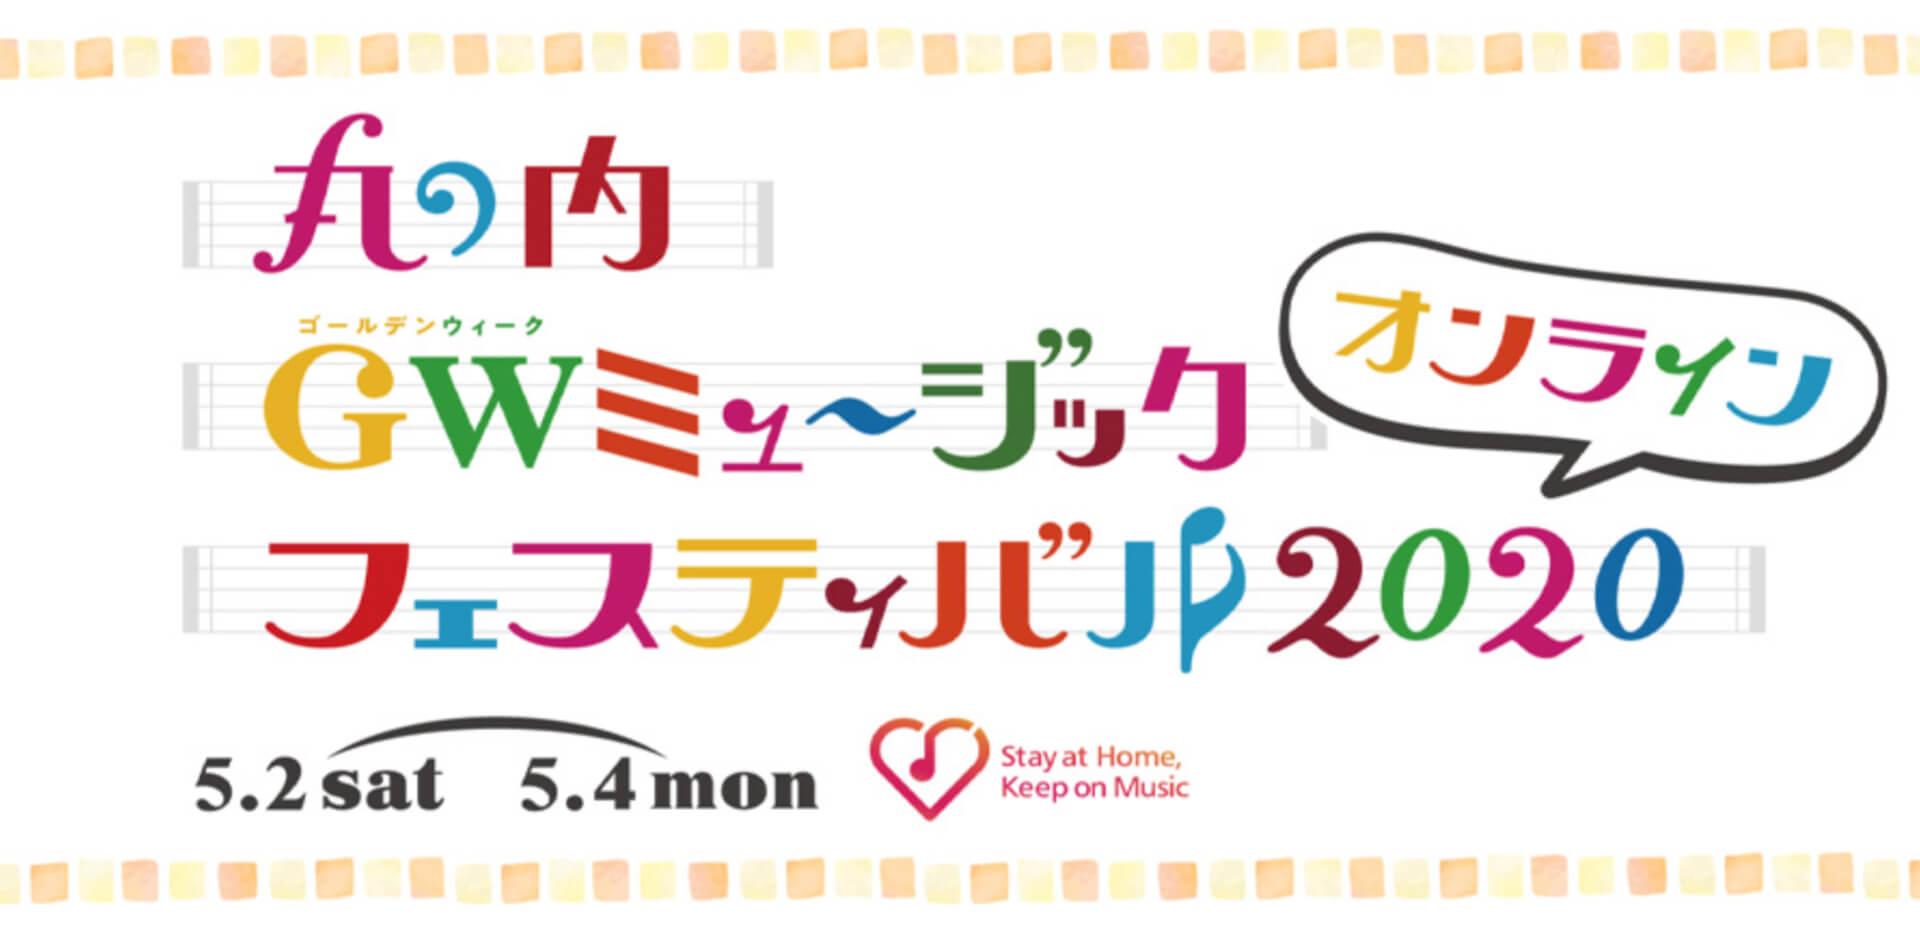 丸の内GWミュージックフェスティバル2020